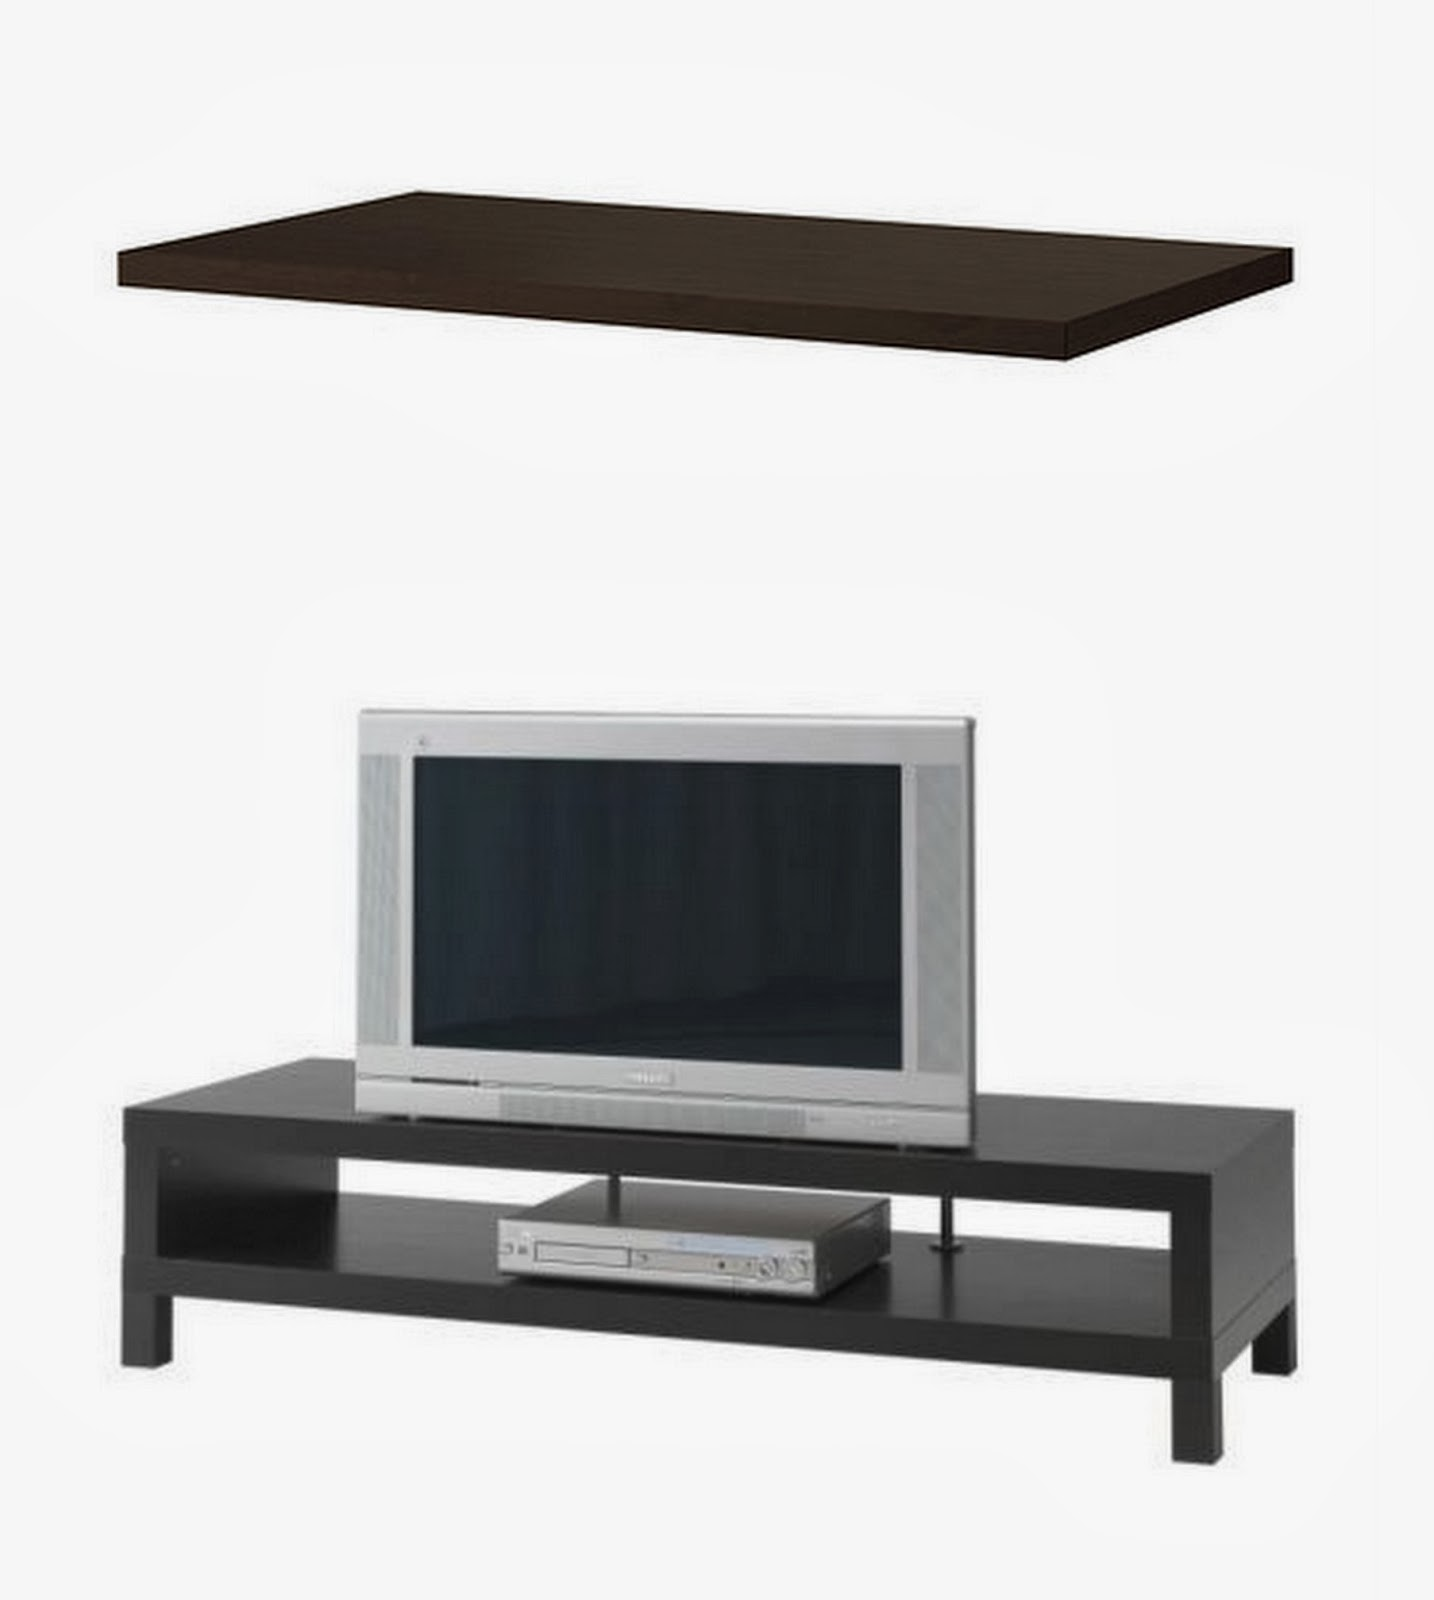 Proyecto Pirata Un Mueble Bajo Lavabo Y Muchas Dudas Mi Llave Allen # Muebles Bajo Lavabo Ikea